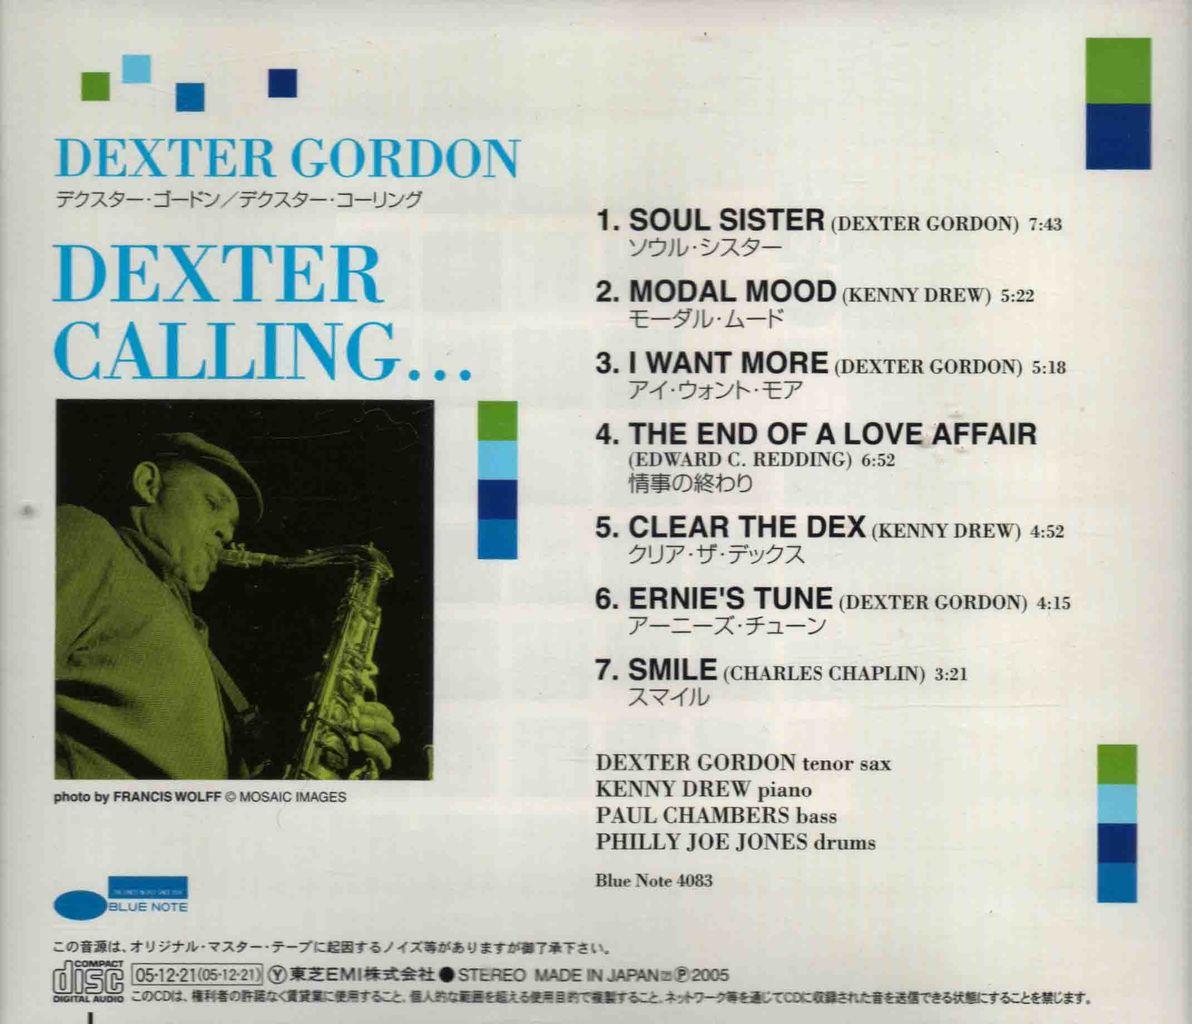 DEXTER CALLING...-2